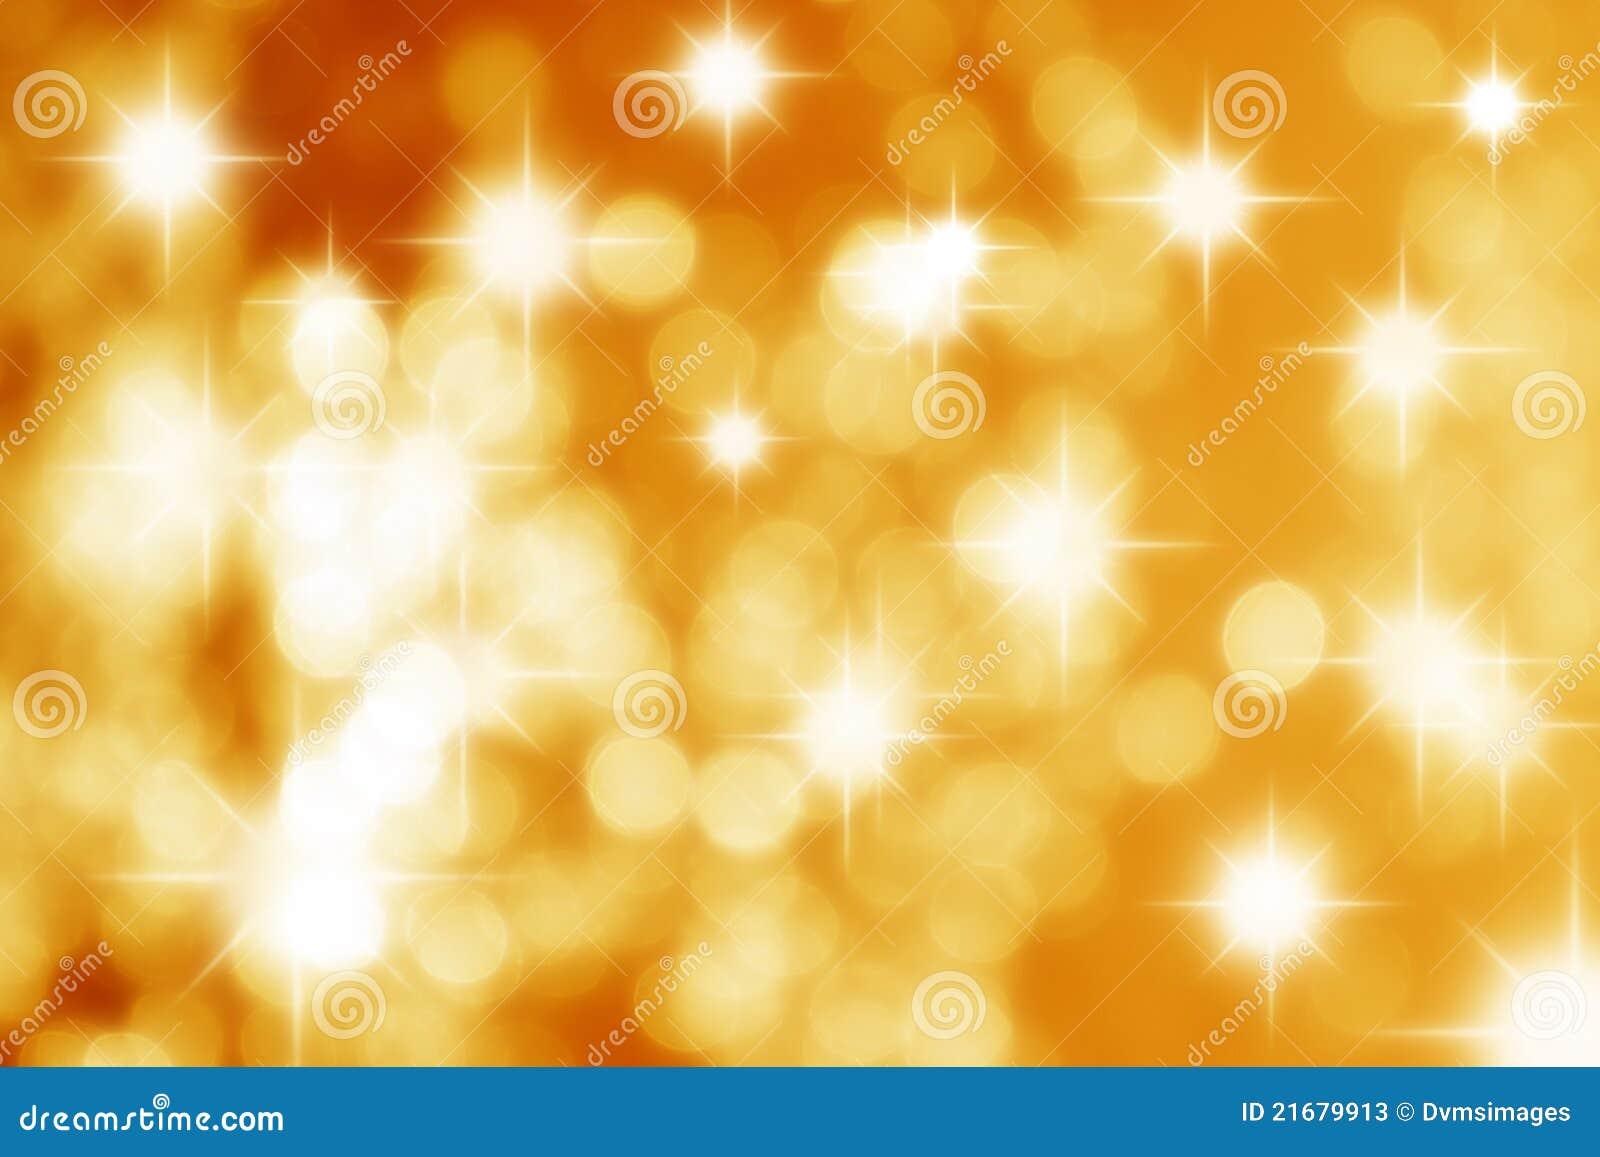 Stars Yellow Background